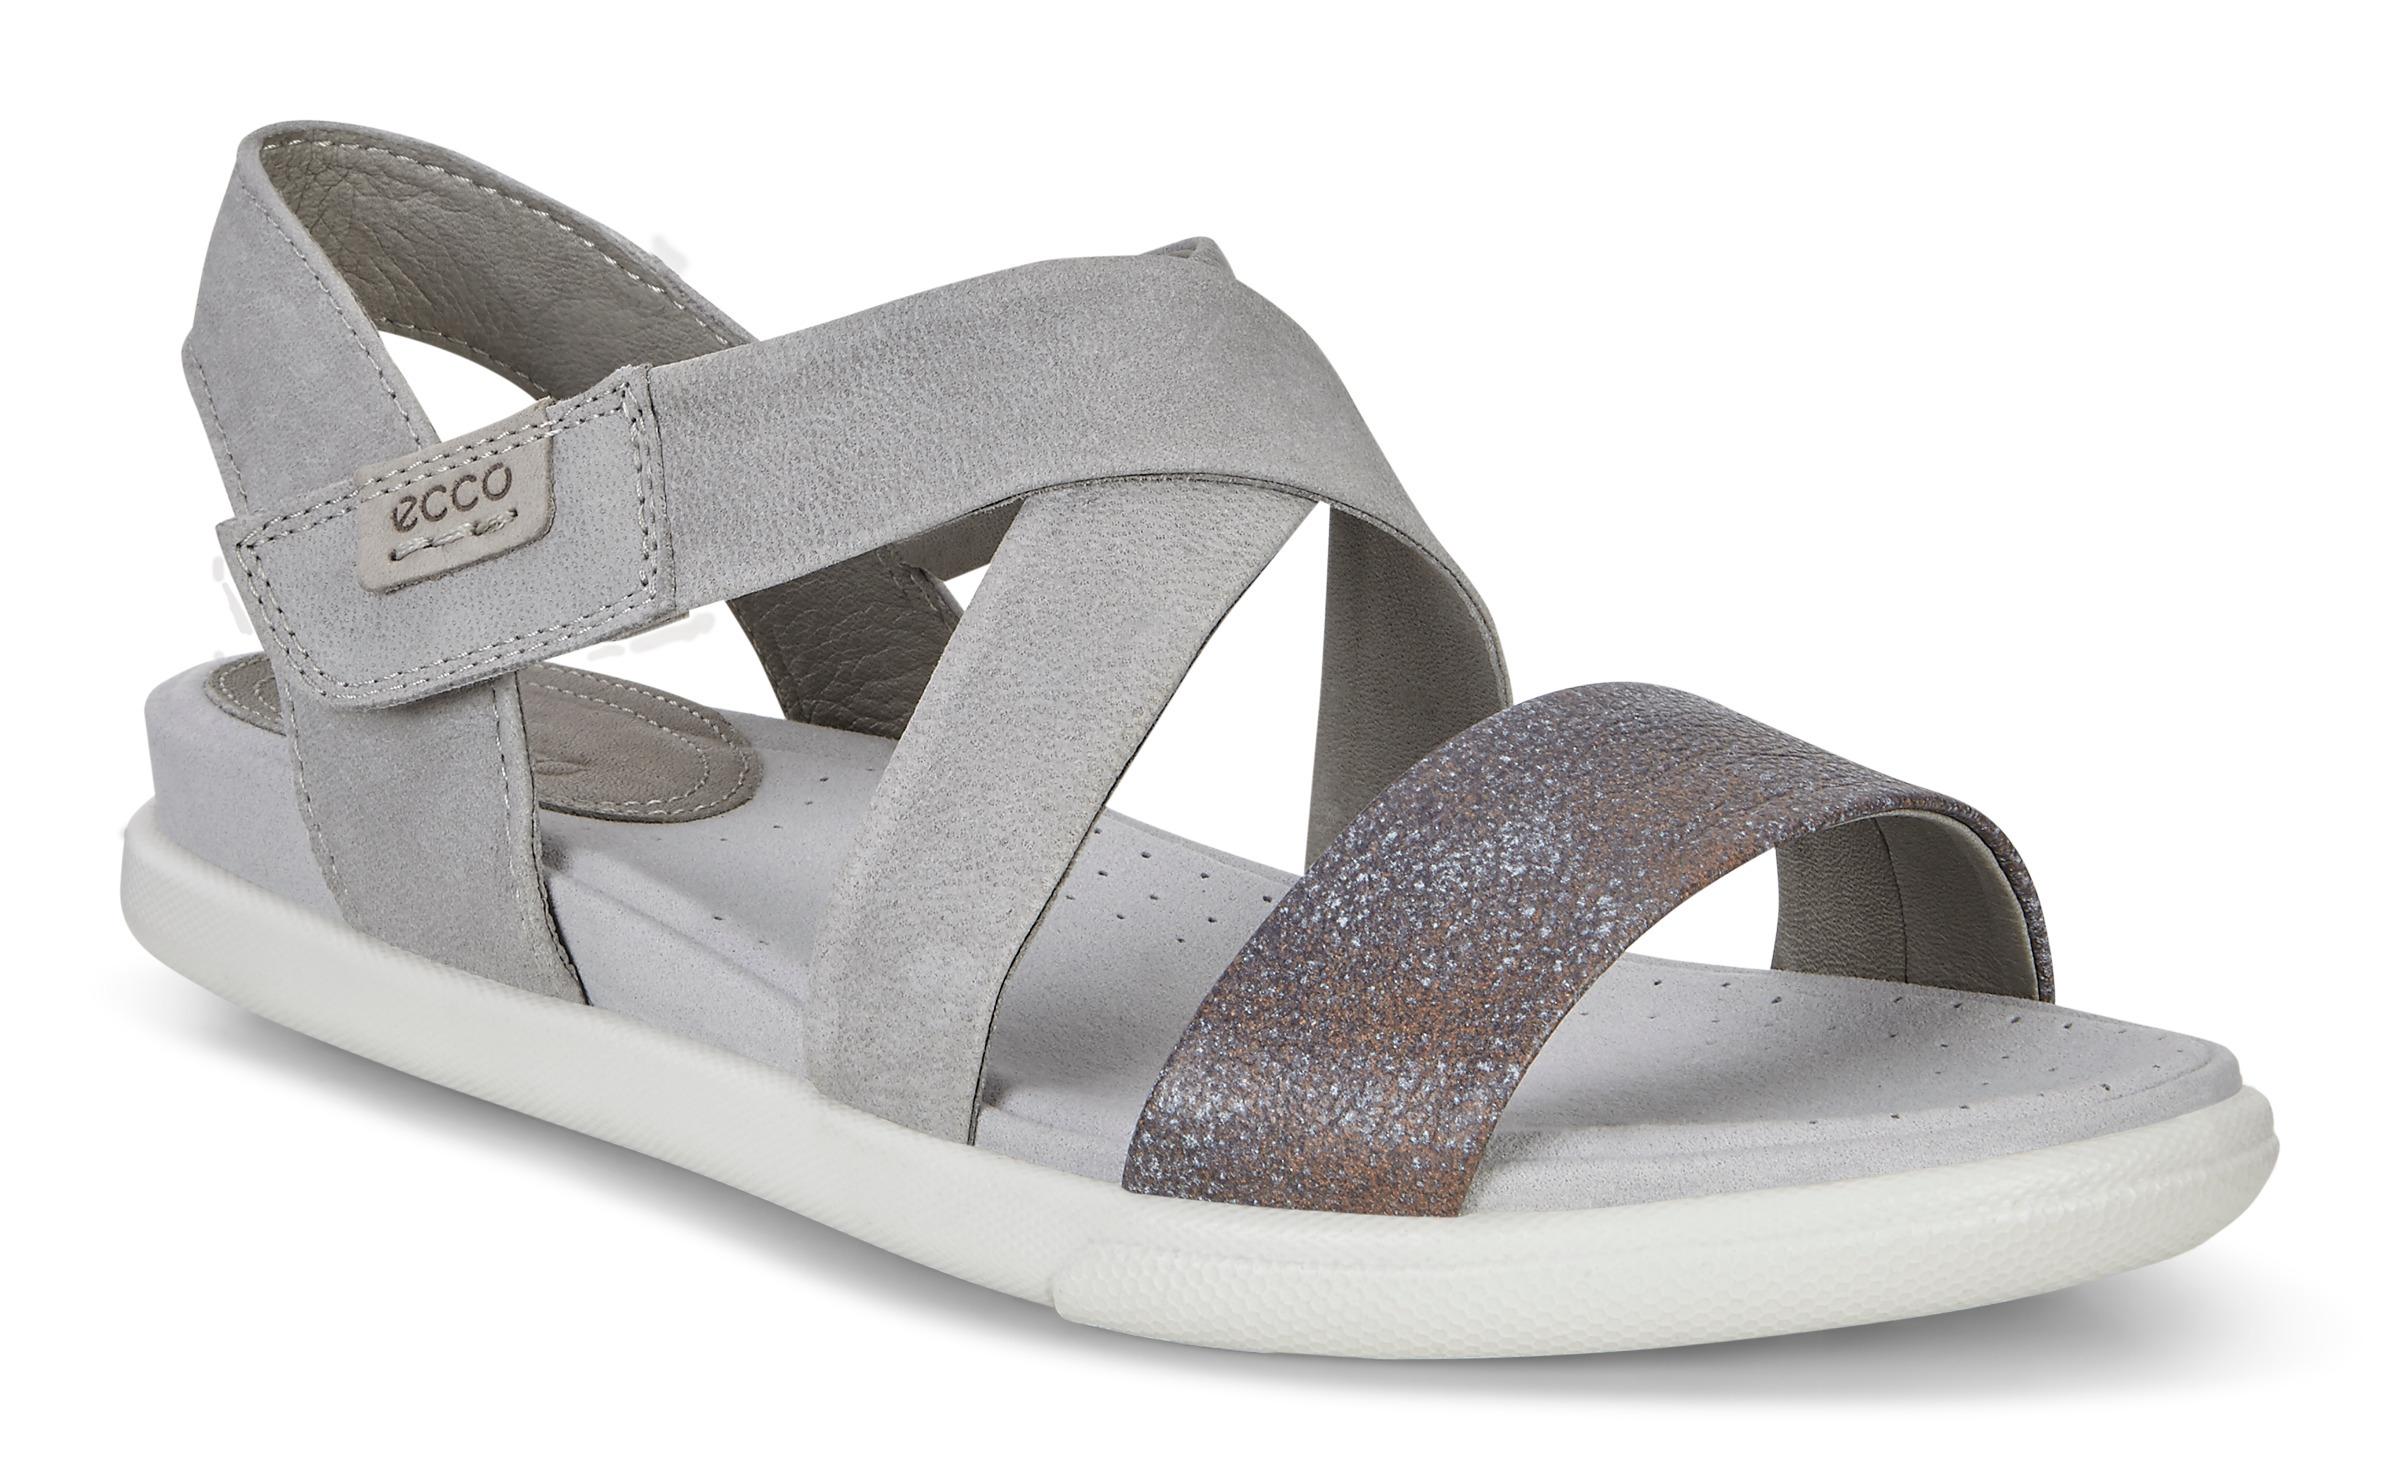 buty ecco sandały damskie